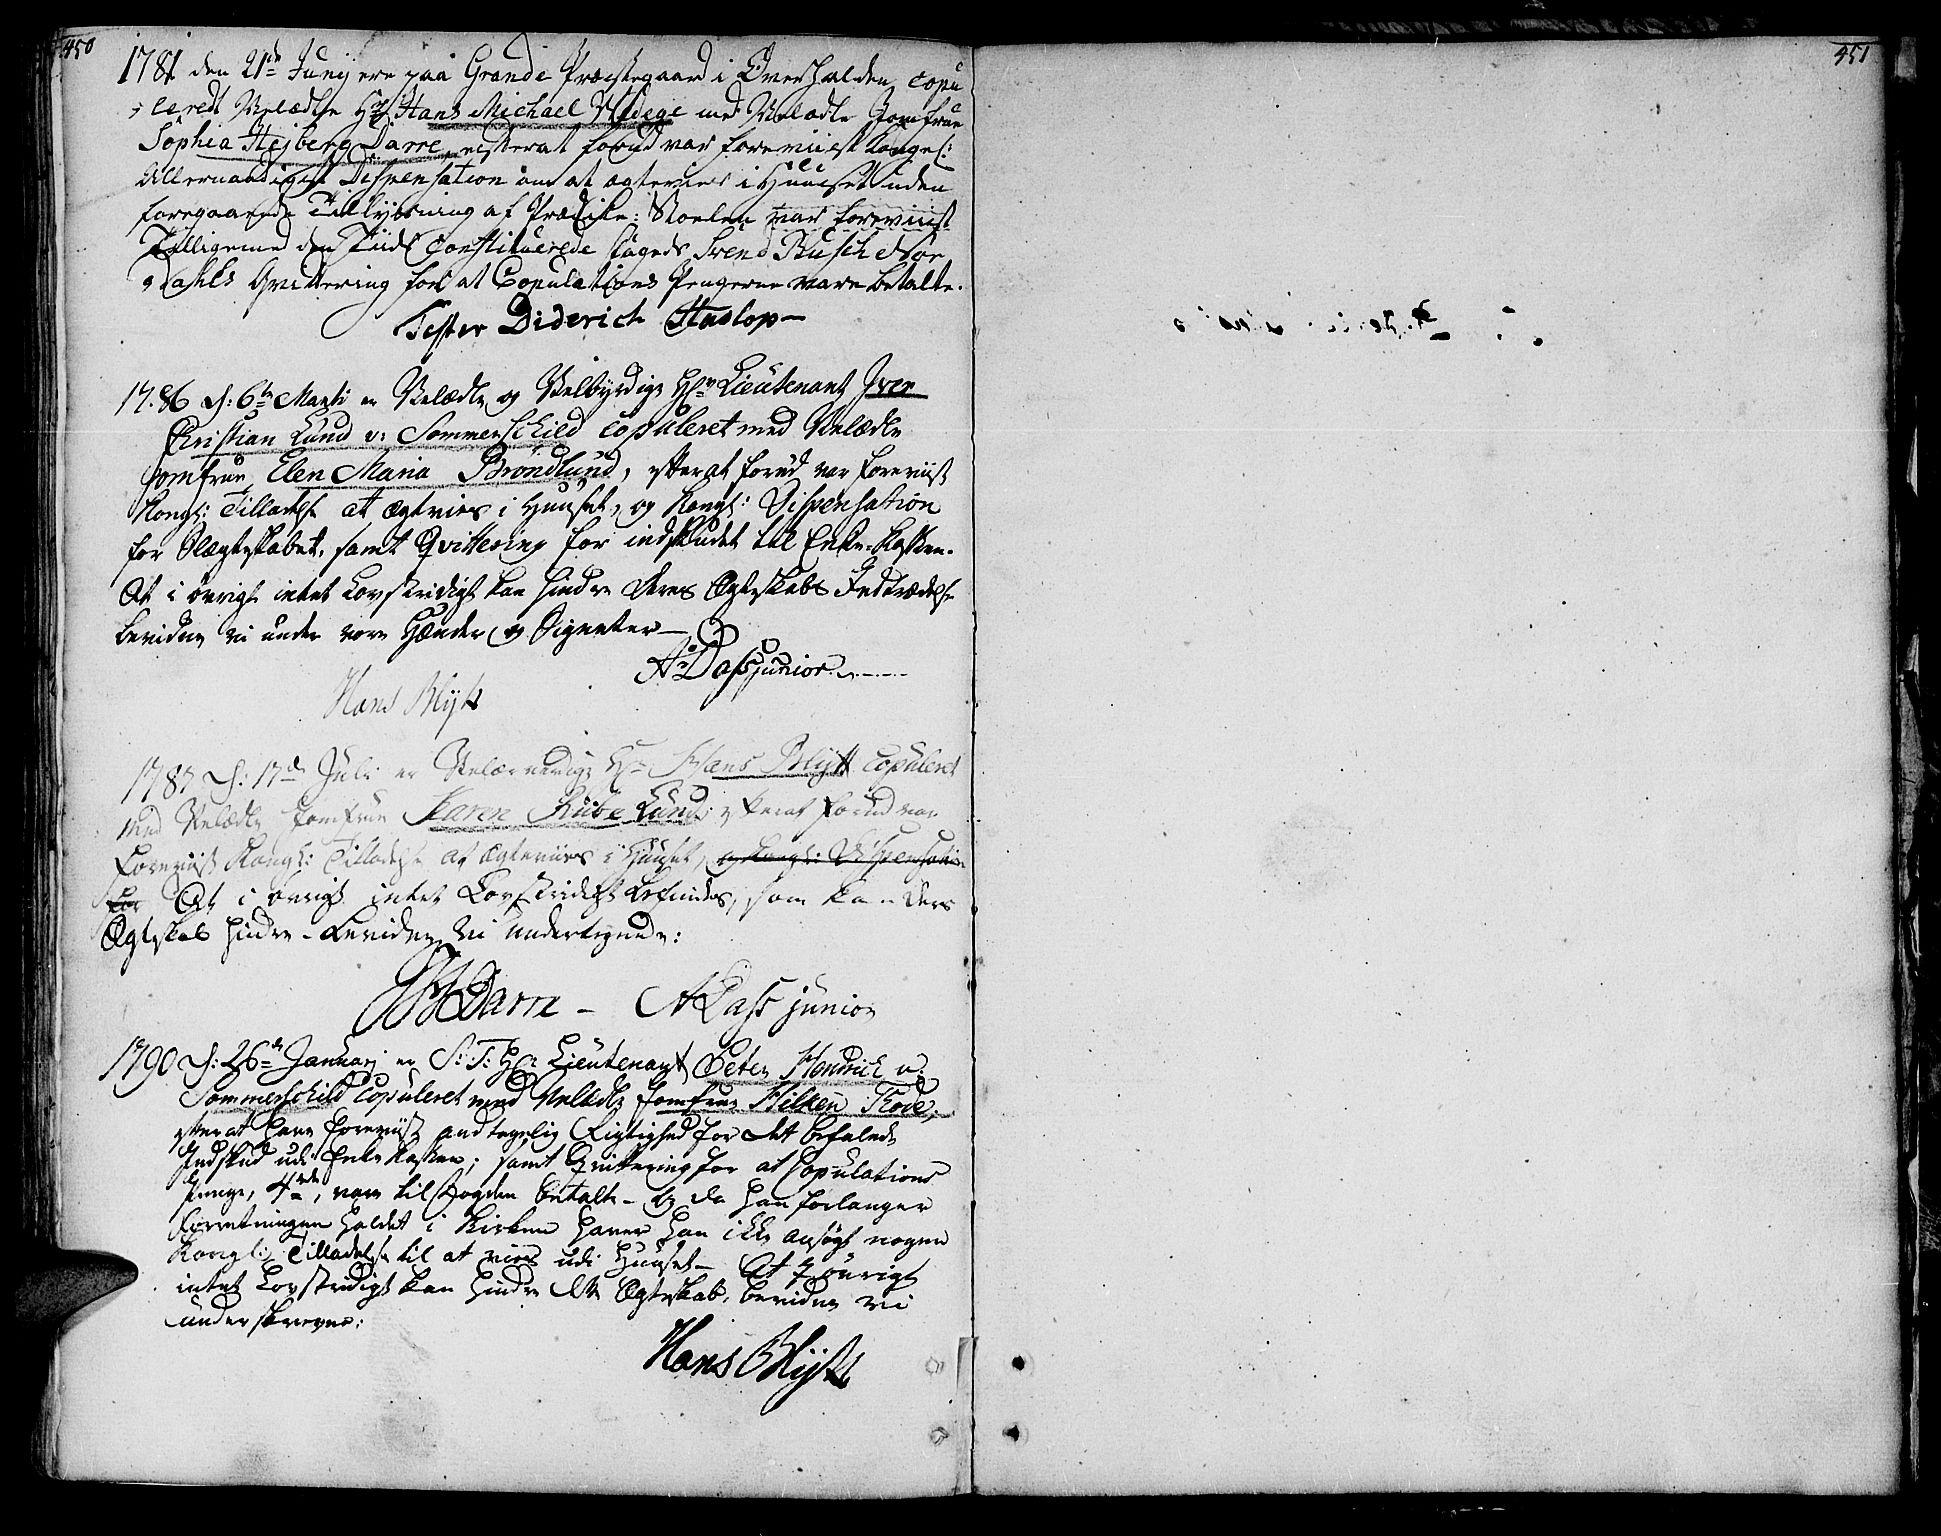 SAT, Ministerialprotokoller, klokkerbøker og fødselsregistre - Nord-Trøndelag, 764/L0544: Ministerialbok nr. 764A04, 1780-1798, s. 450-451